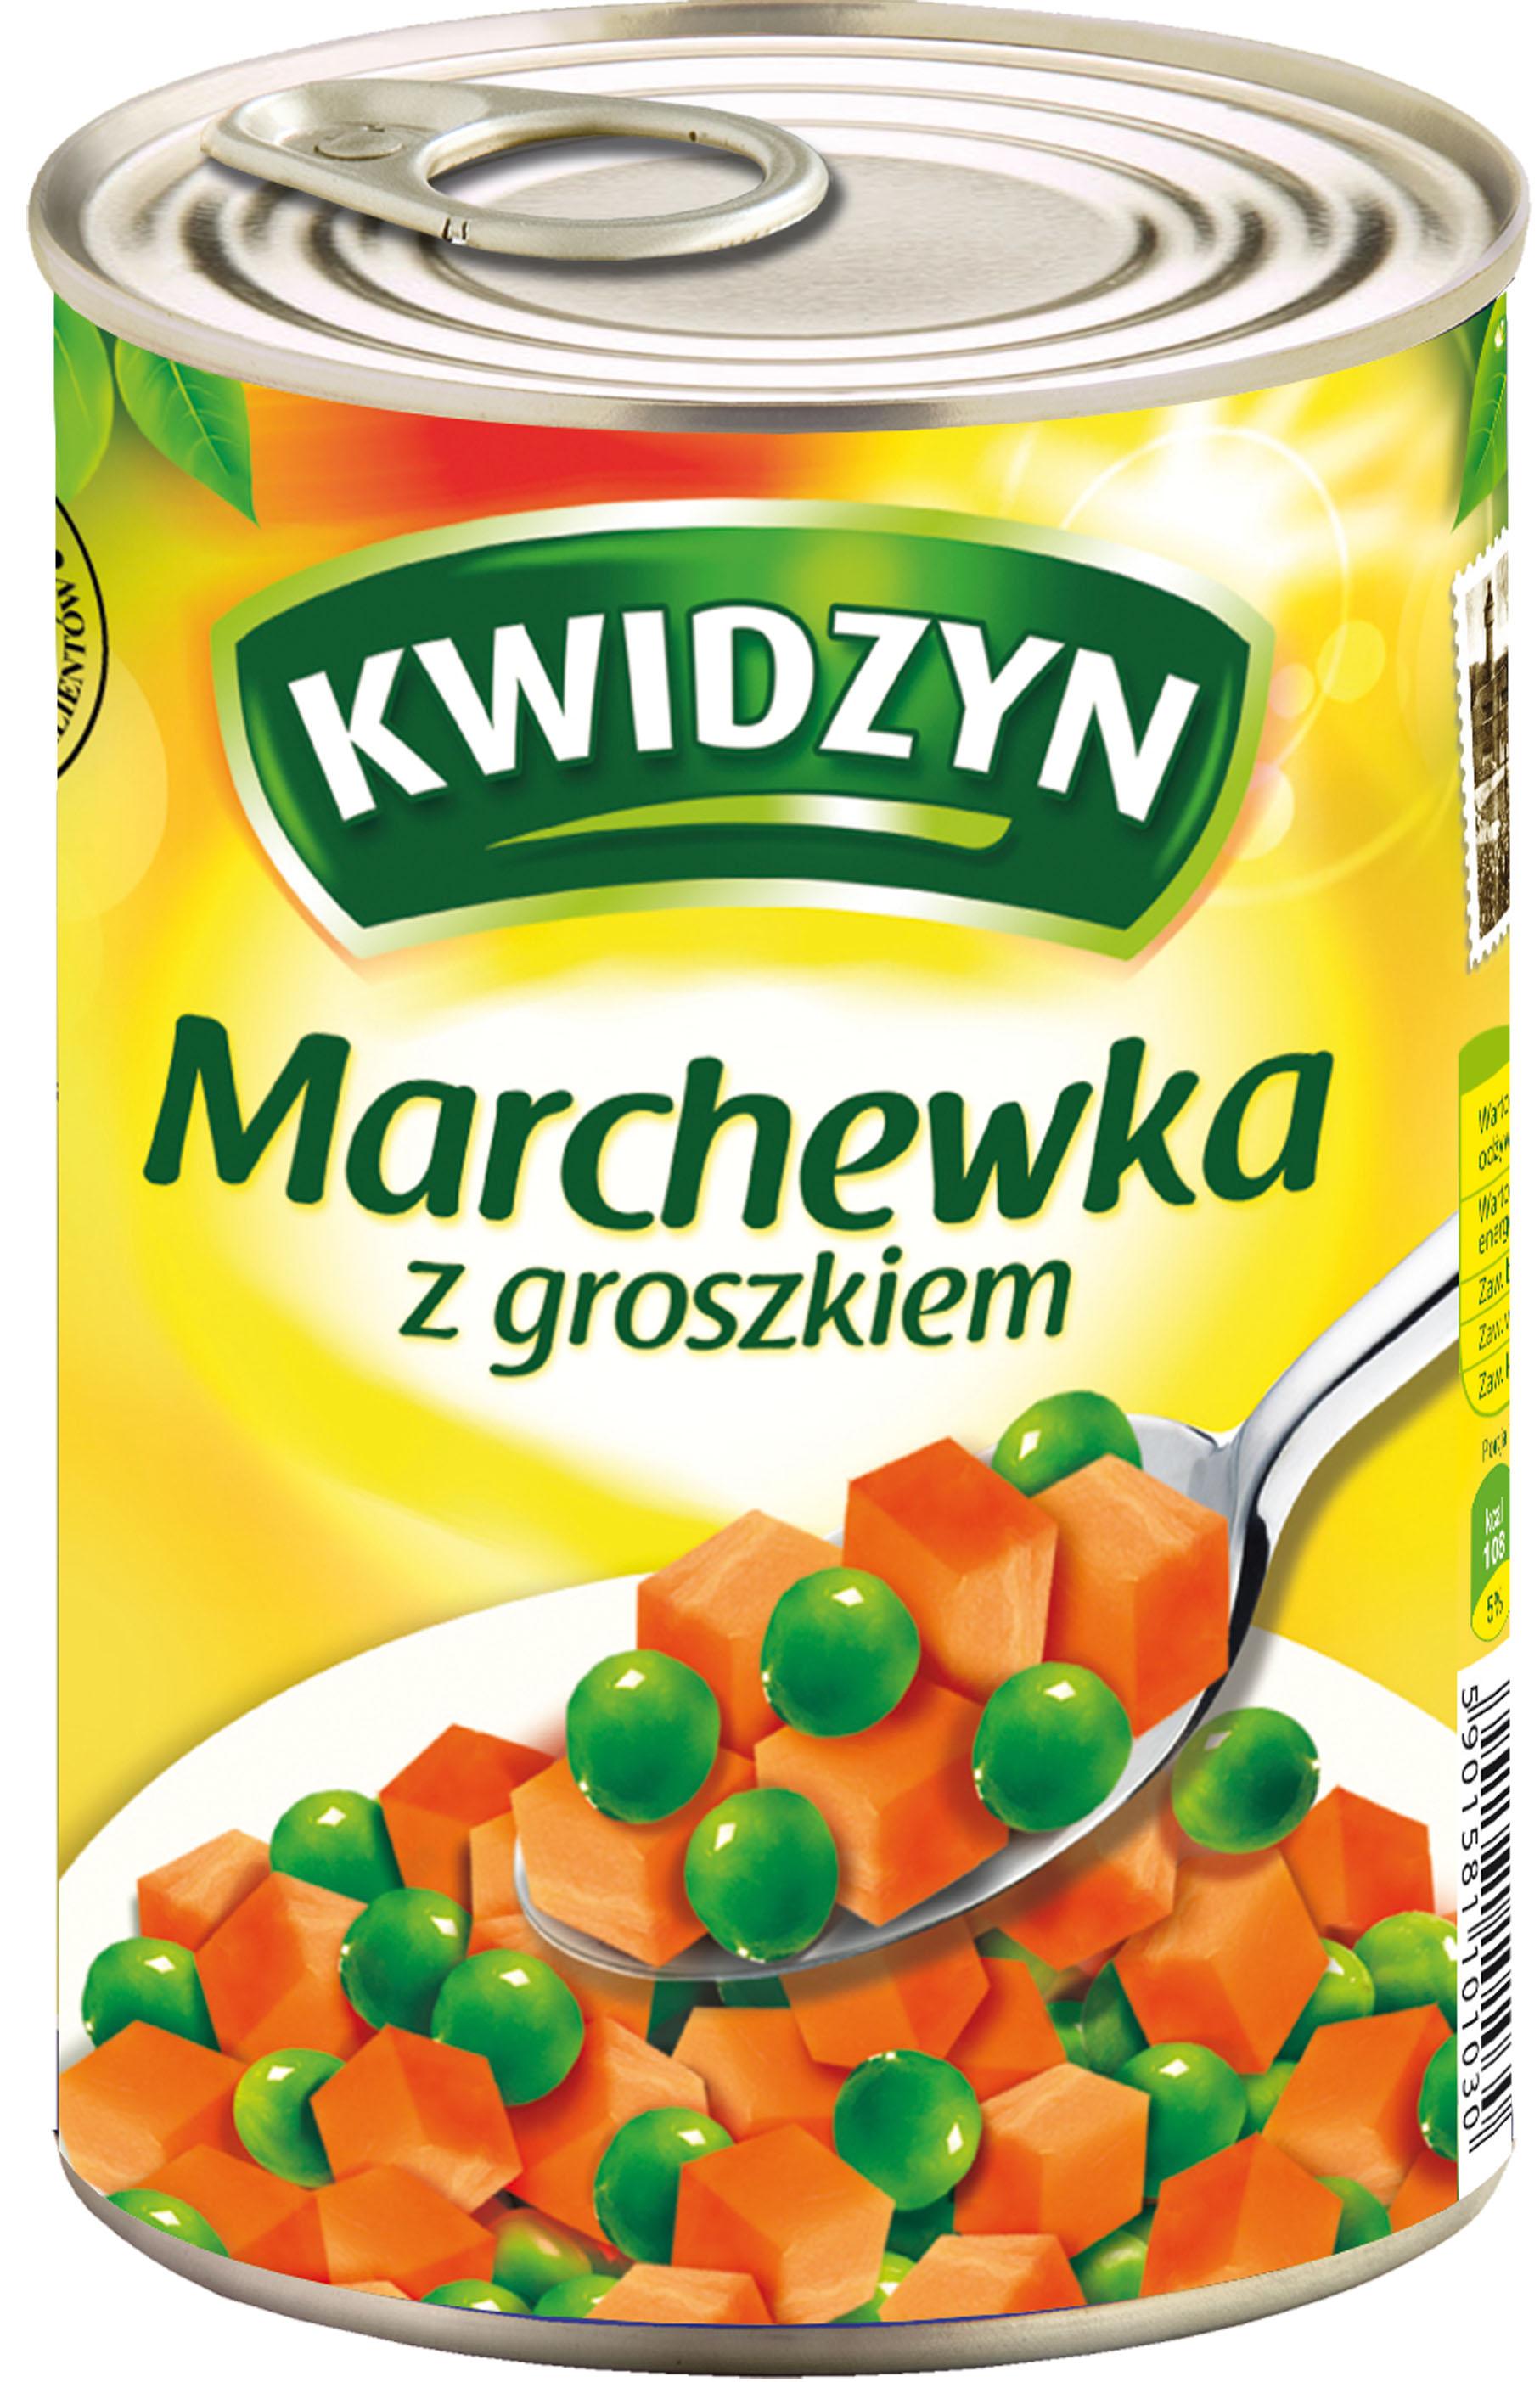 marchewka z groszkiem 400g10